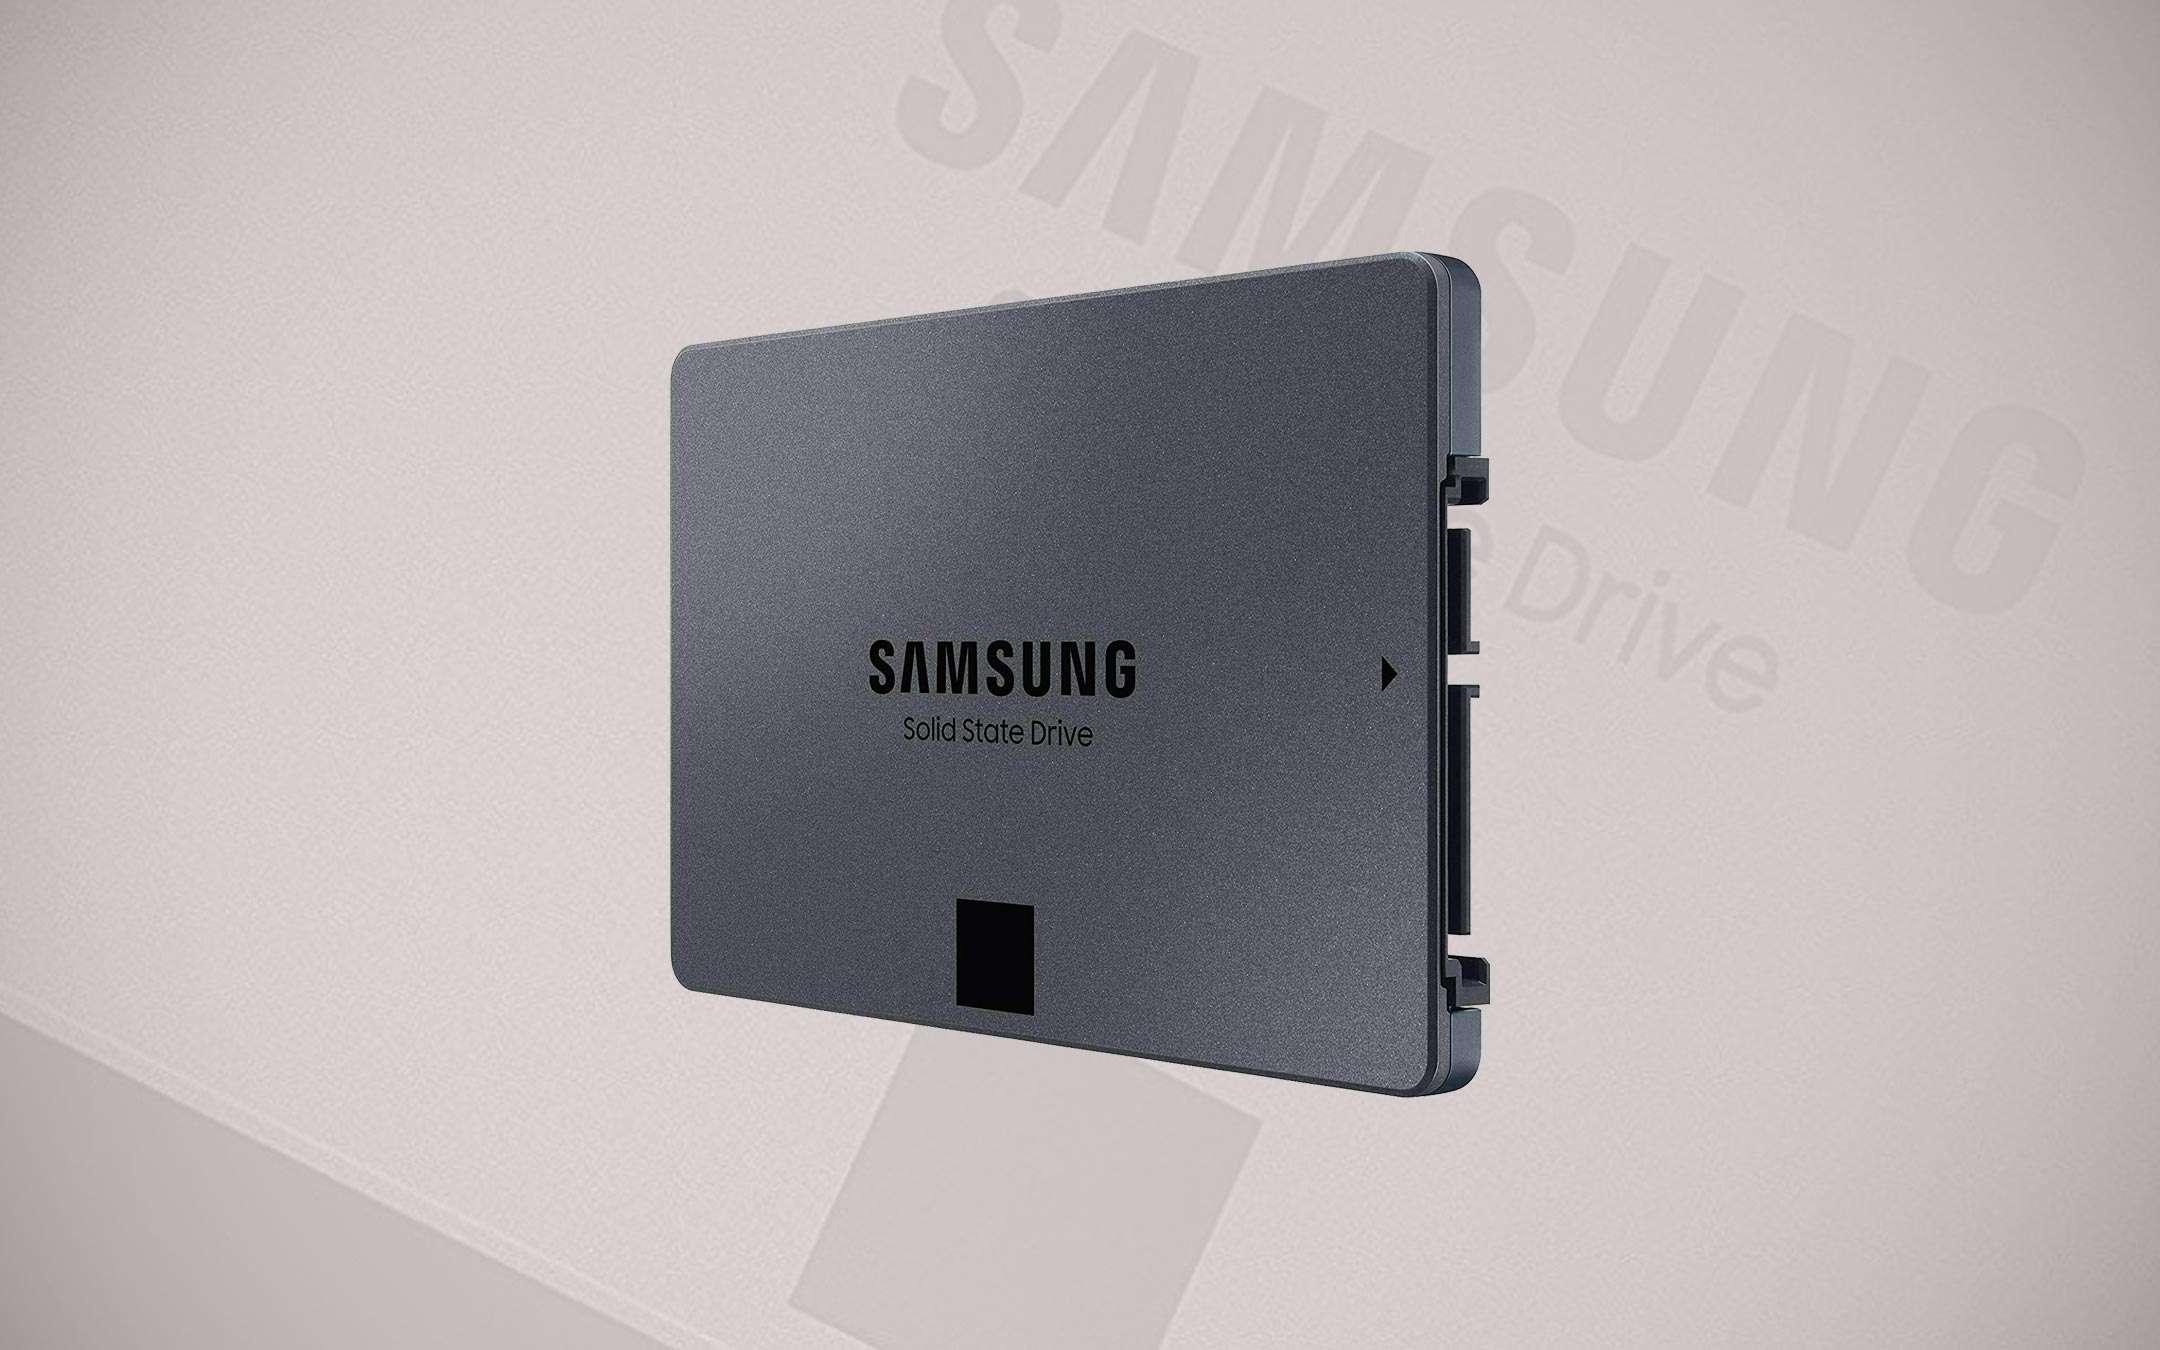 Samsung 870 QVO: 1 TB SSD for less than 100 euros